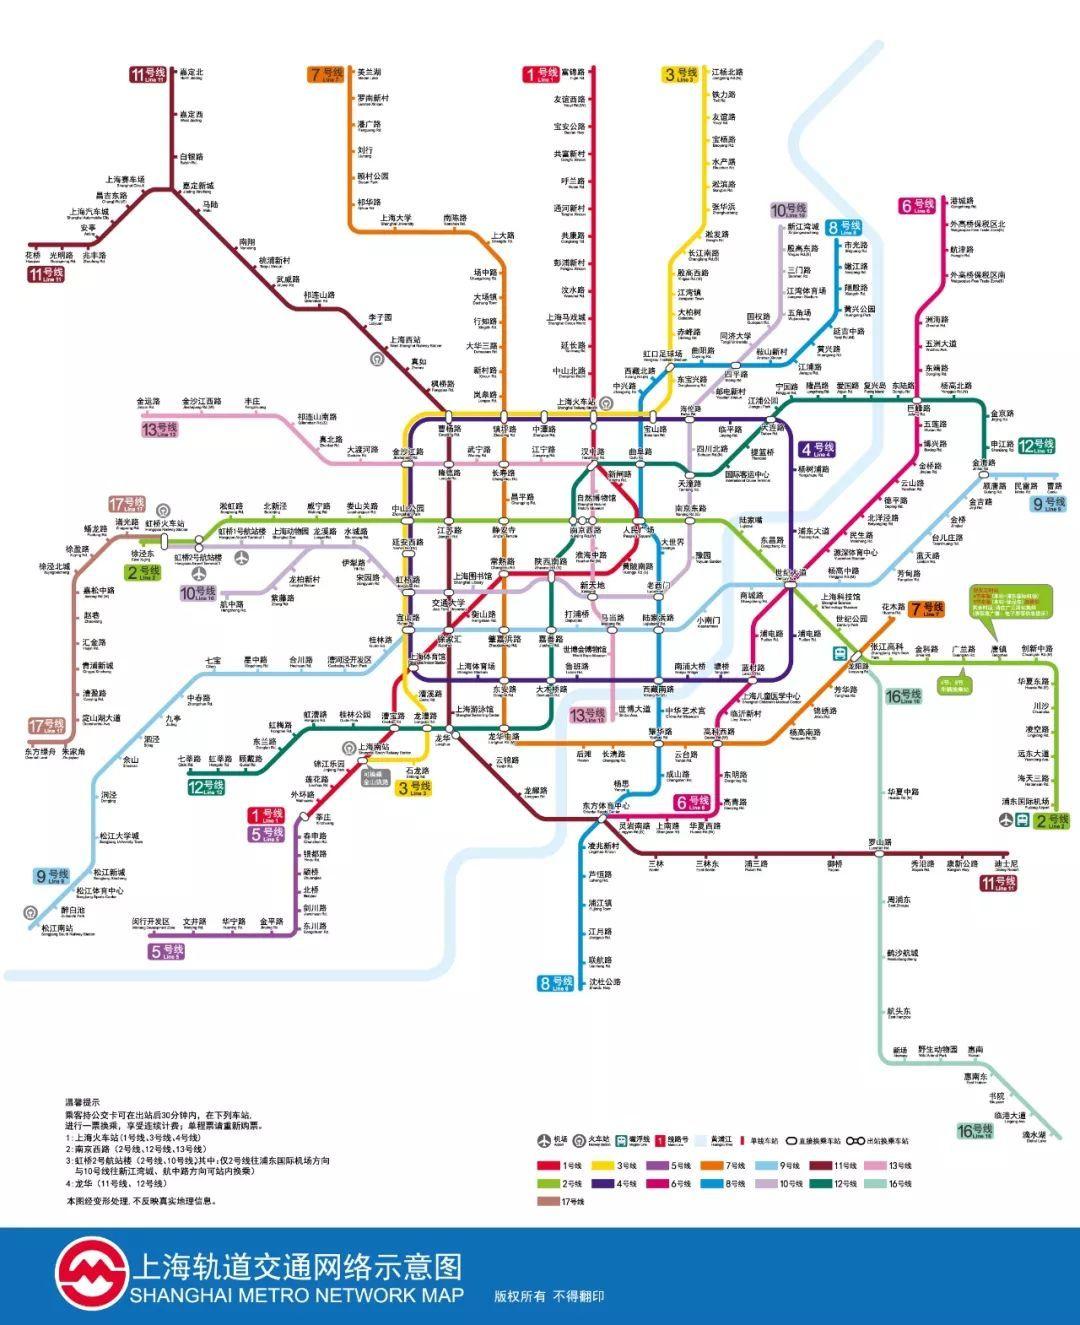 宜兴站时刻表,宜兴站列车时刻表,宜兴站高铁时刻表,... _盛名时刻